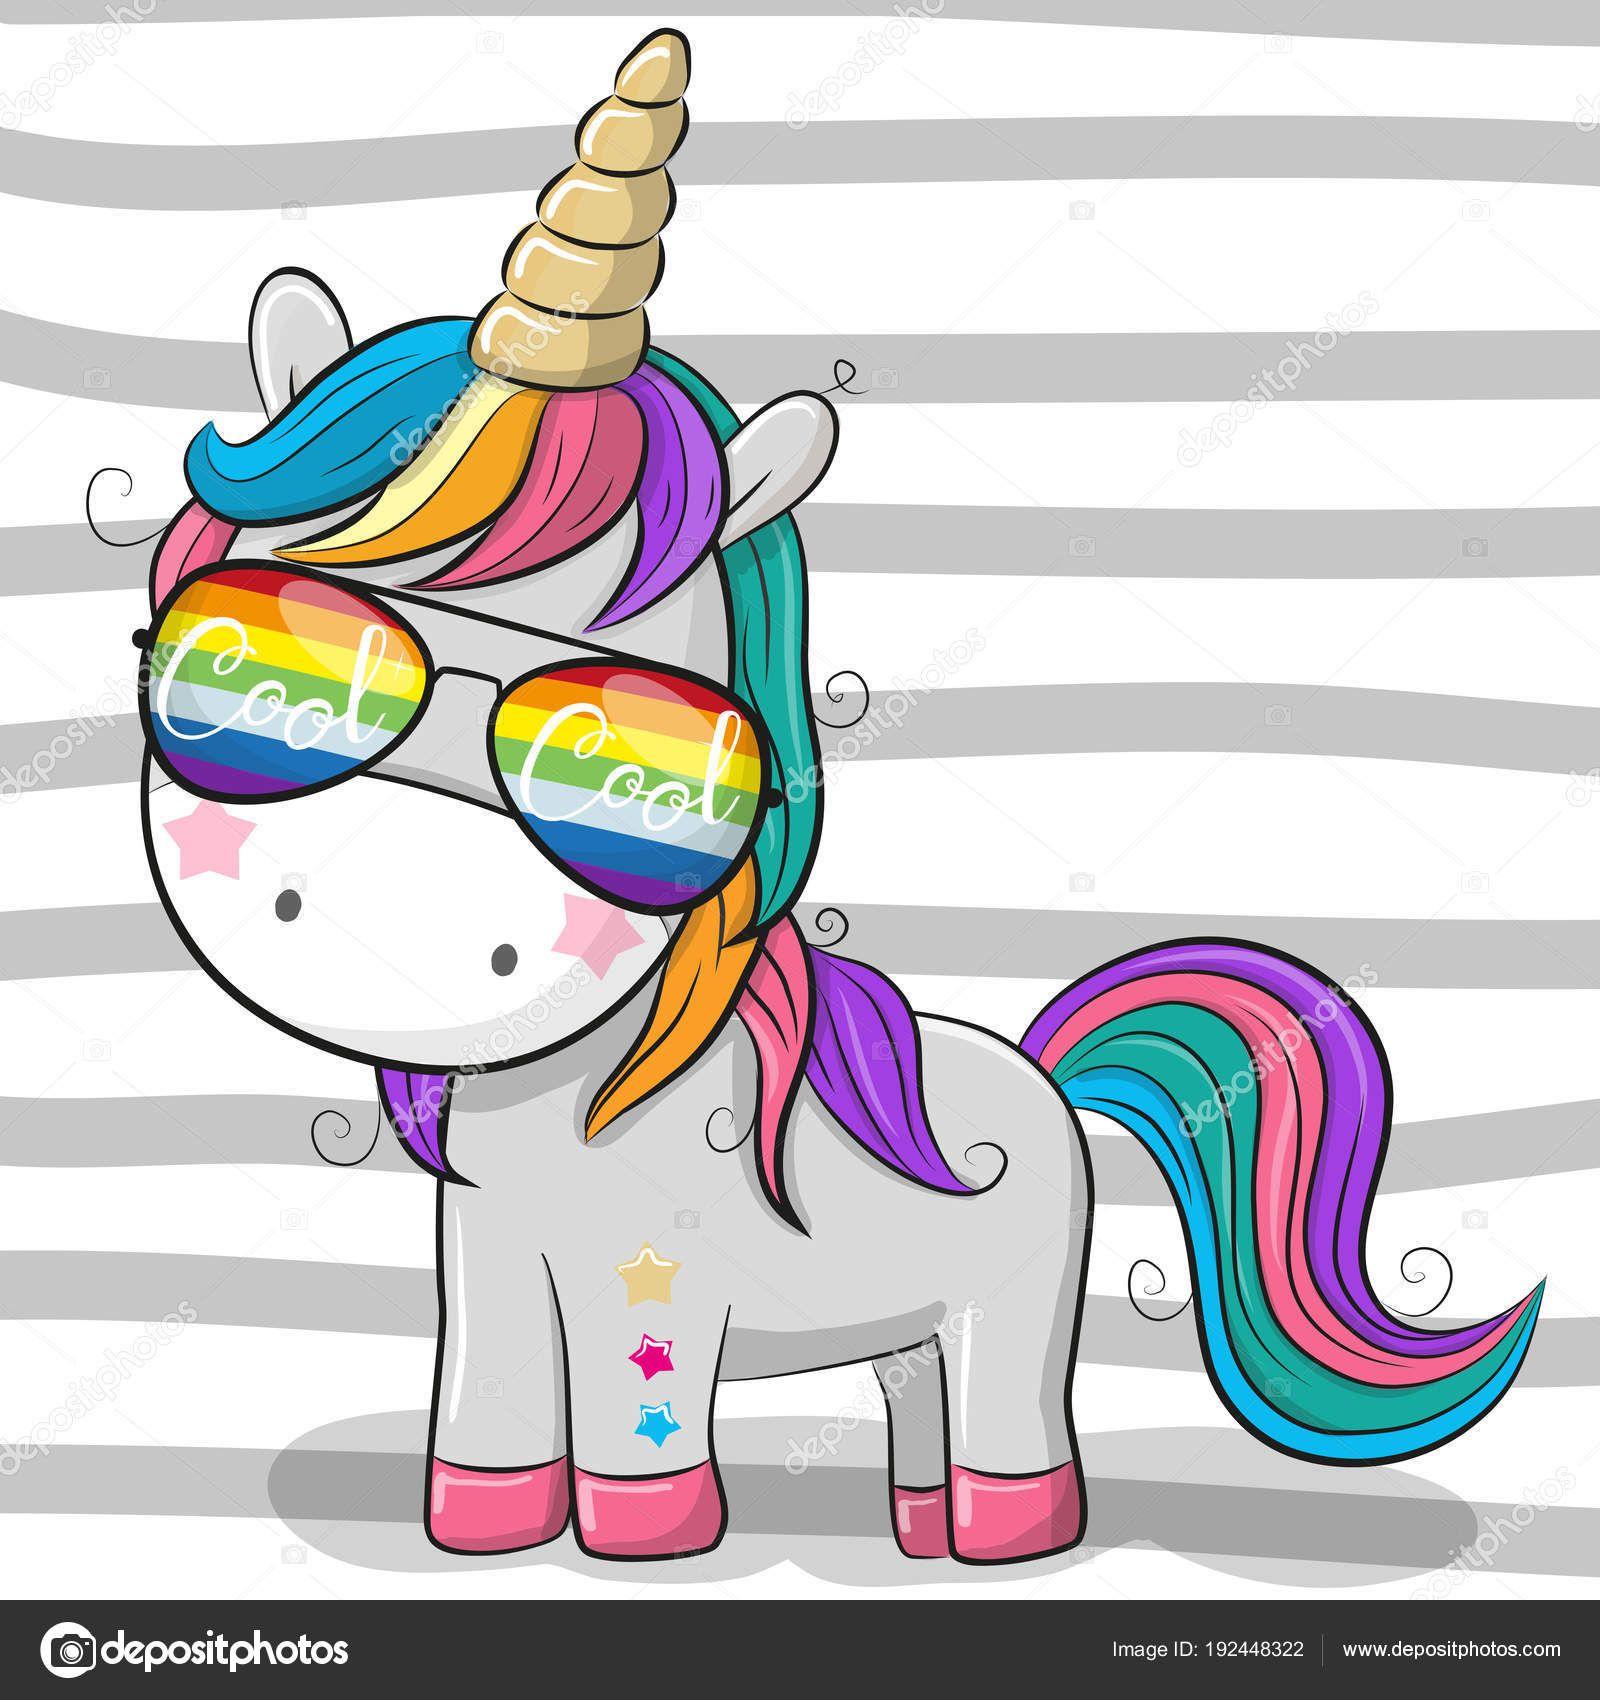 bdc6c1729d Descargar - Lindo unicornio con gafas de sol — Ilustración de Stock ...